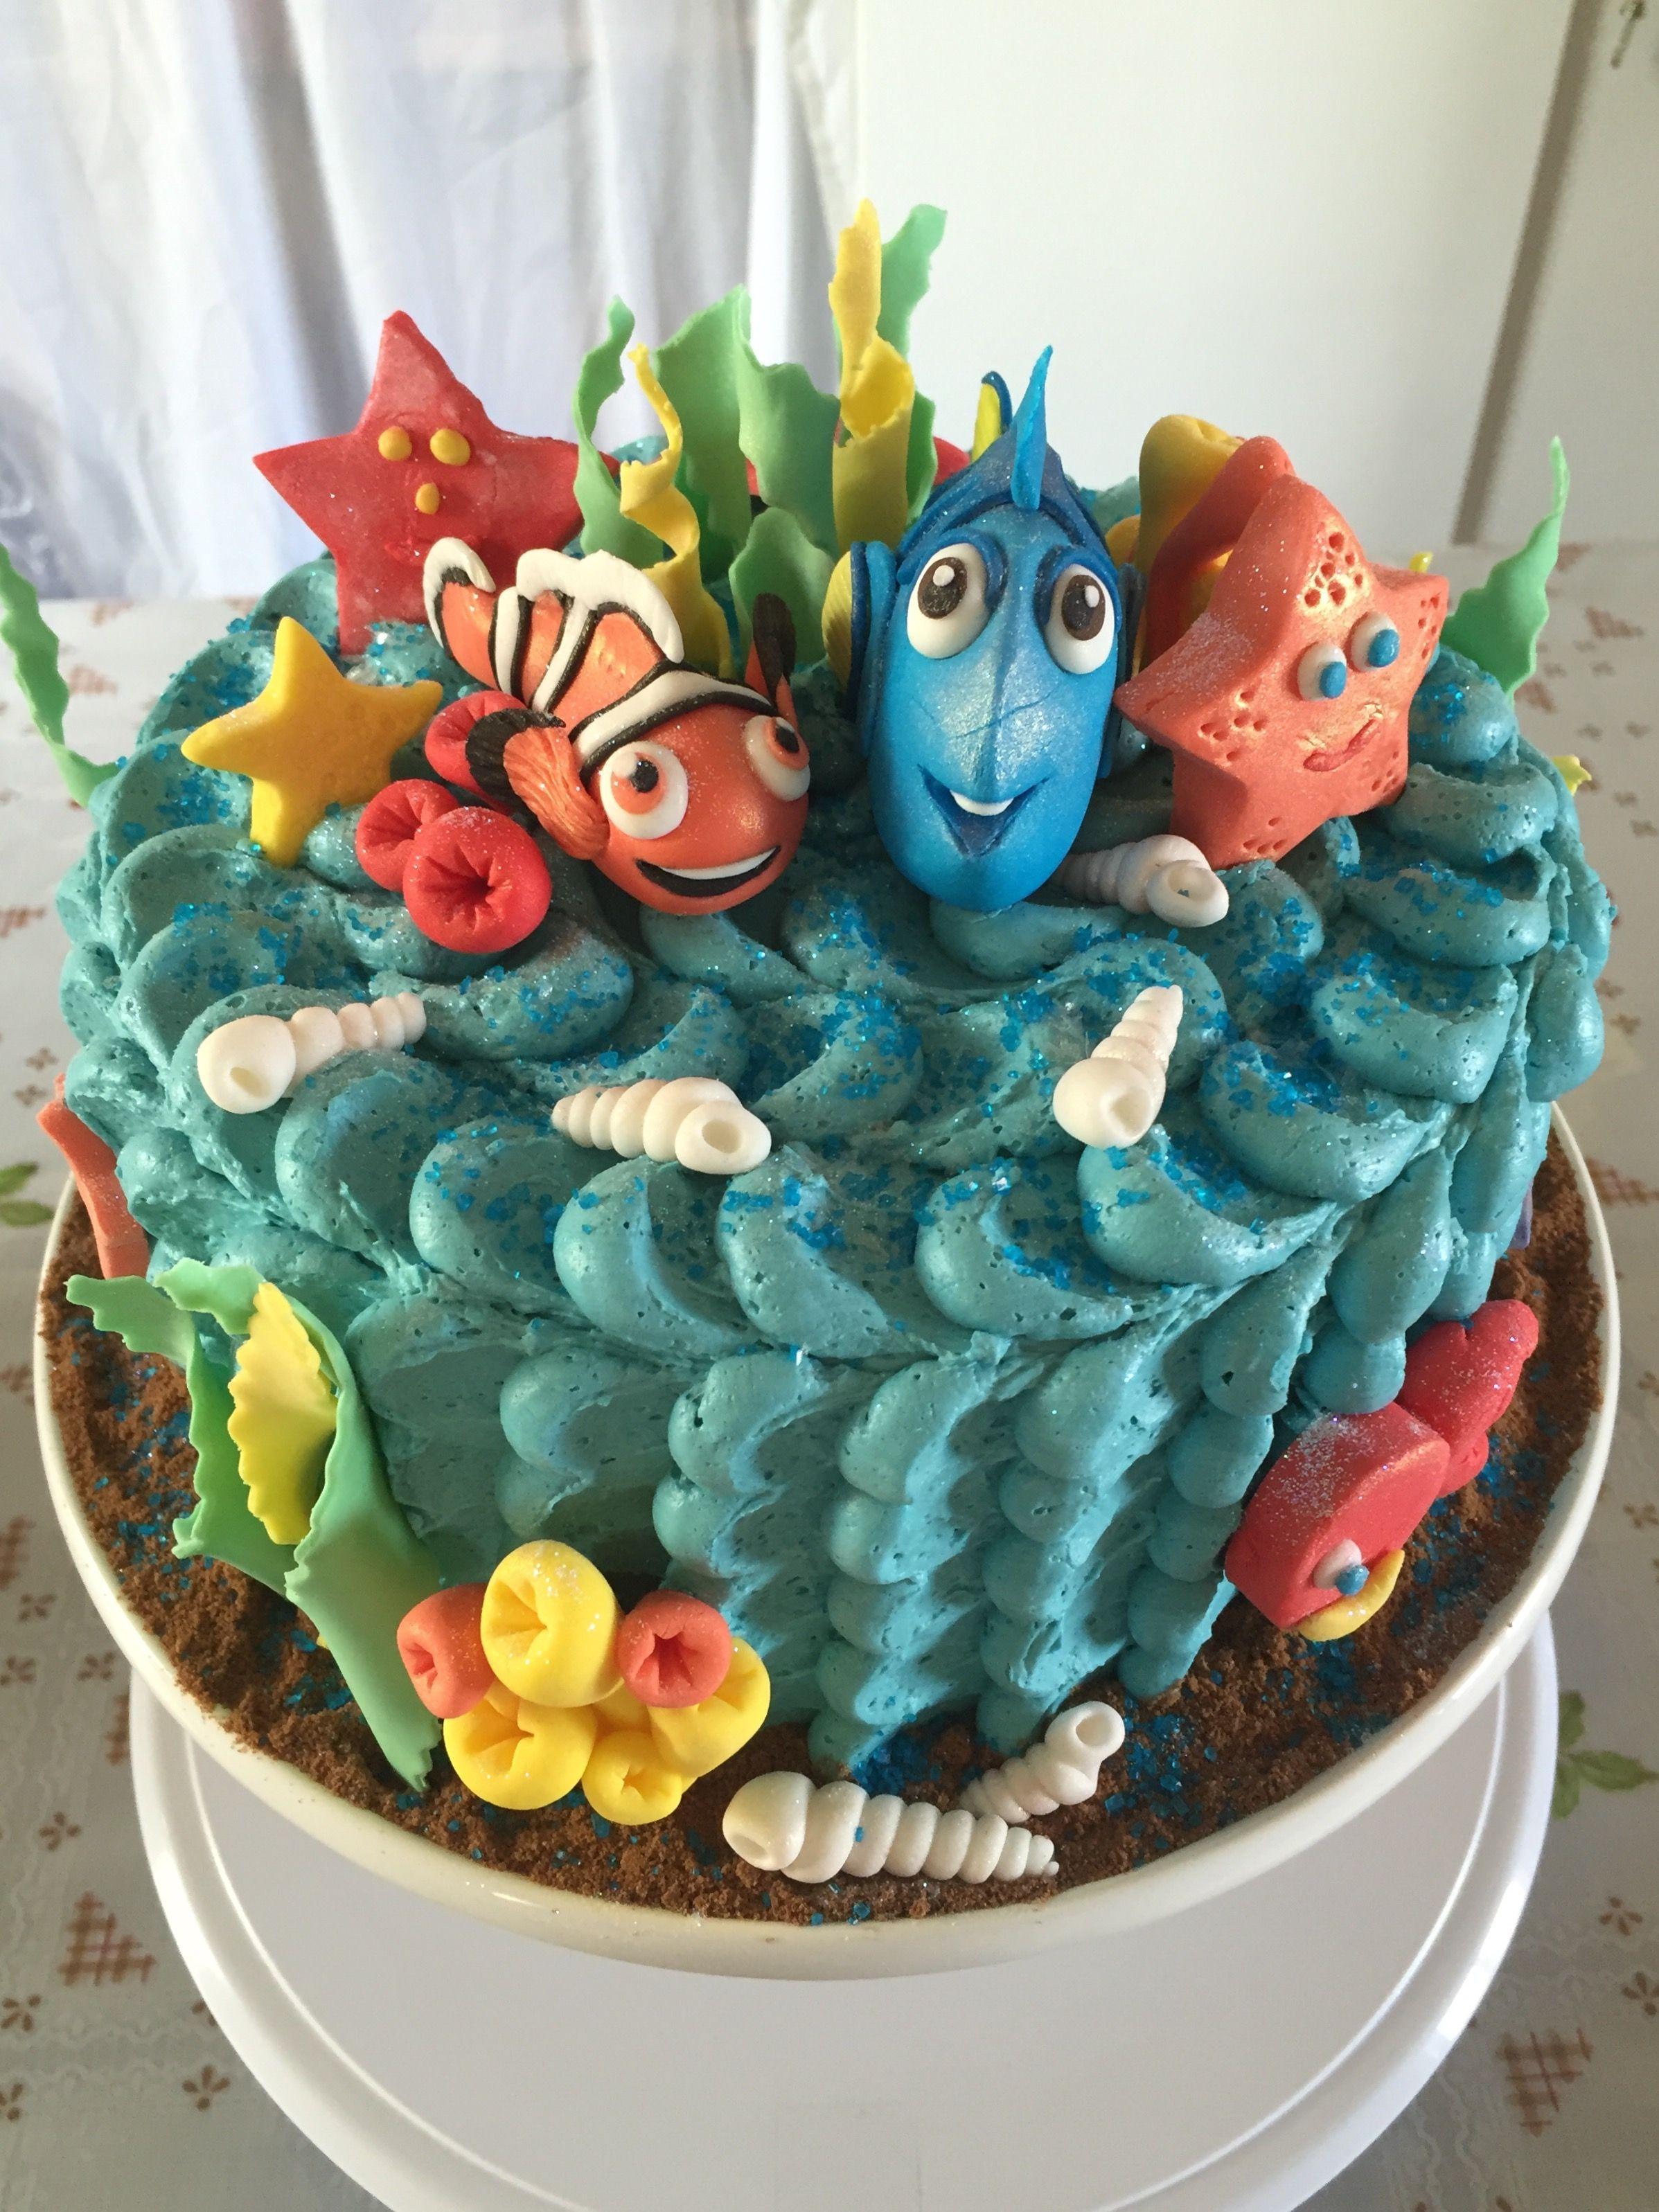 Dory and nemo cake nemo cake red cake cake